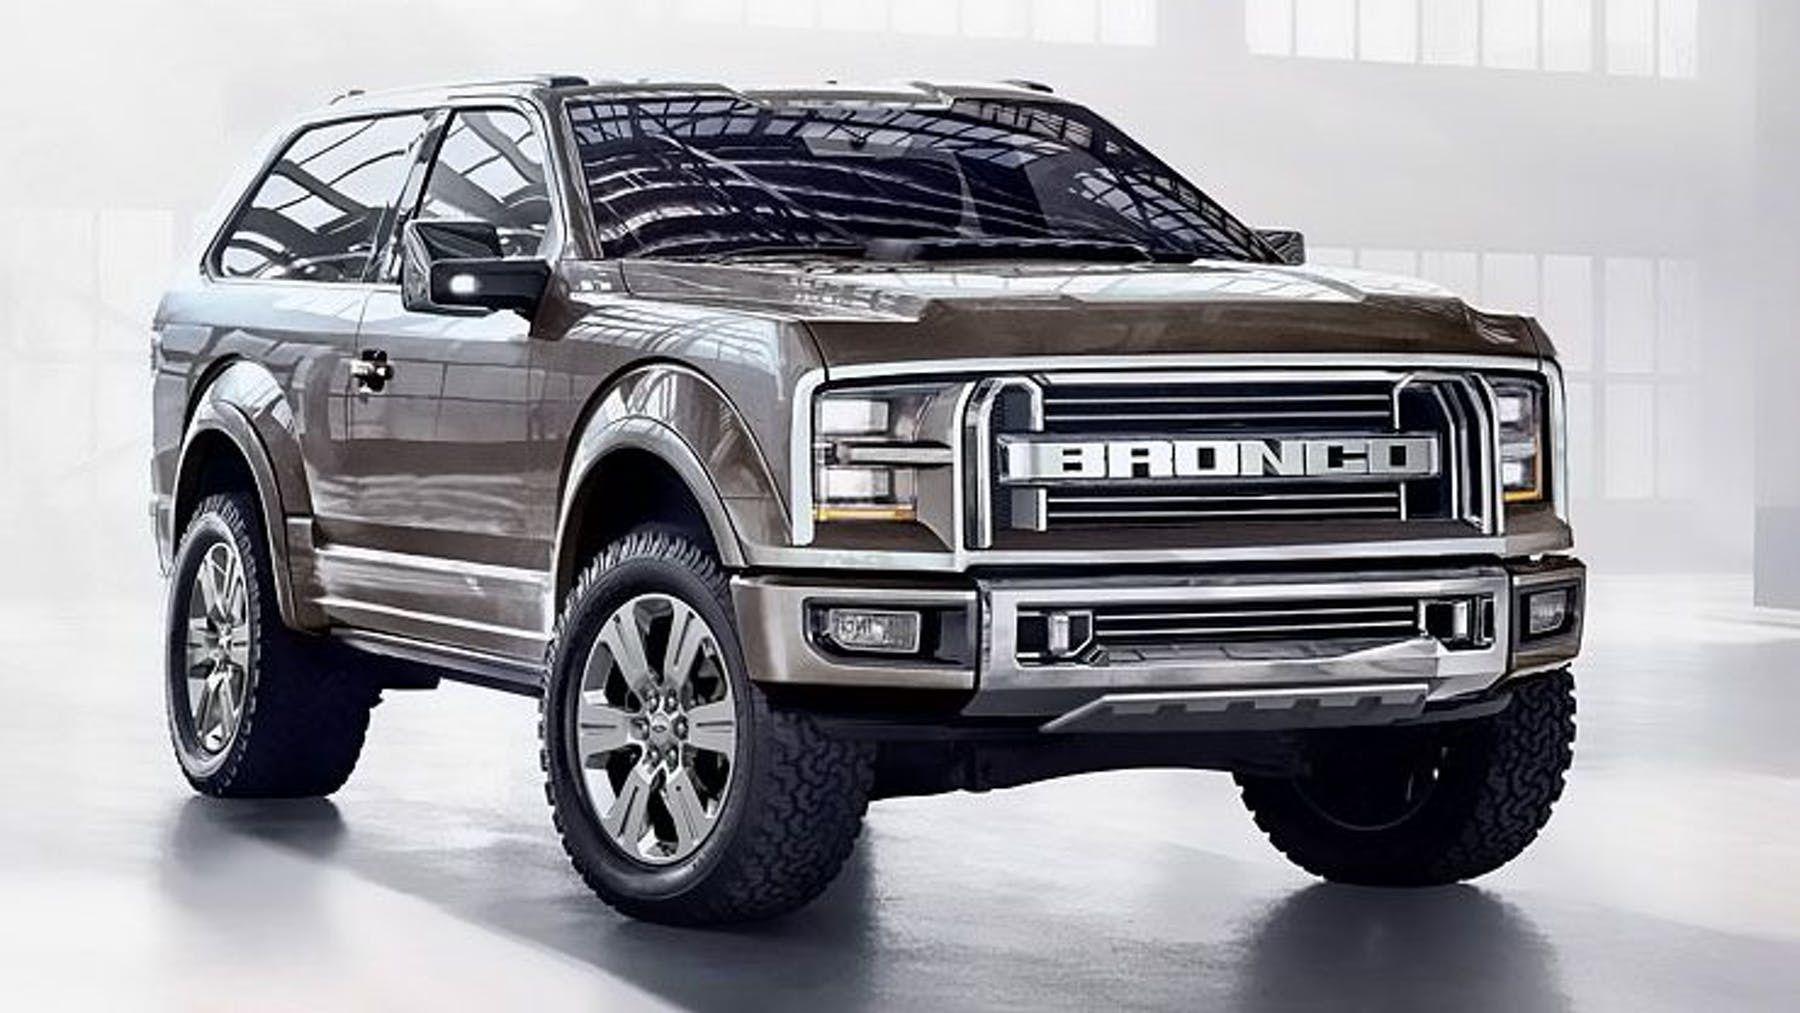 Ford Bronco 2020 Price 2020 Ford Bronco Estimated Price 2020 Ford Bronco Price Point 2020 Ford Bronco Raptor Price Ford Bronco Ford Ranger 2019 Ford Bronco